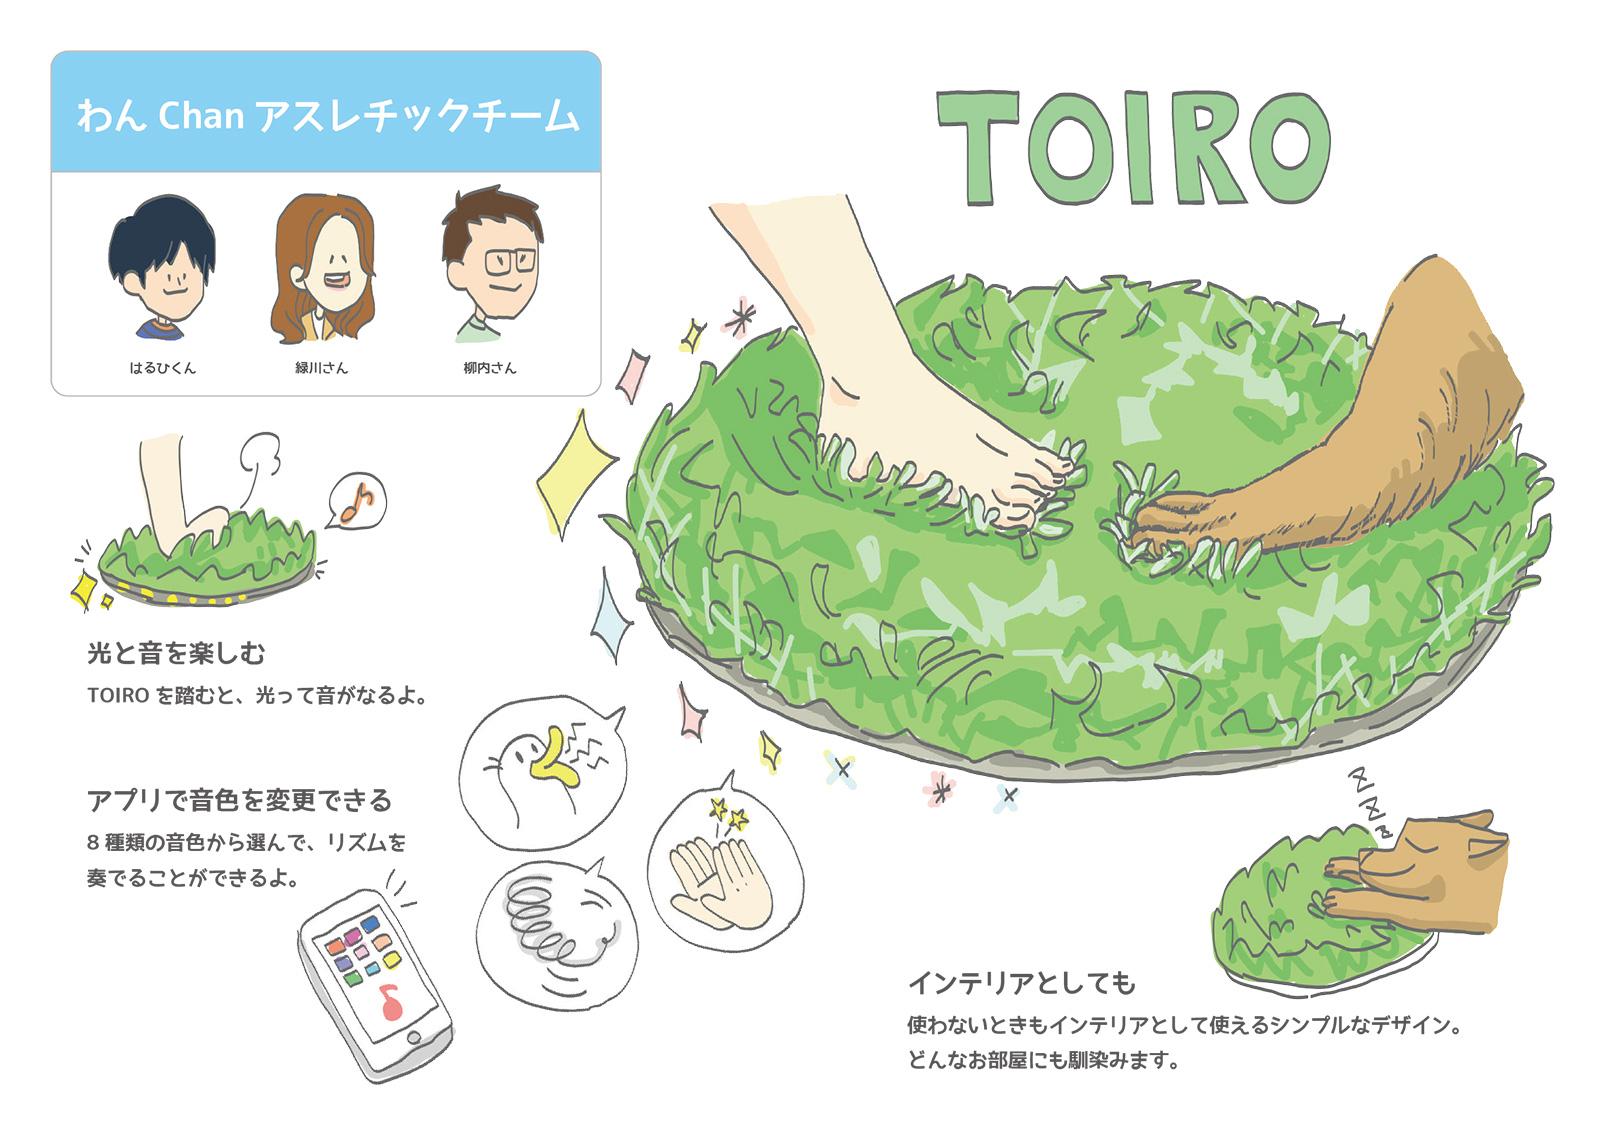 TOIRO グラレコ